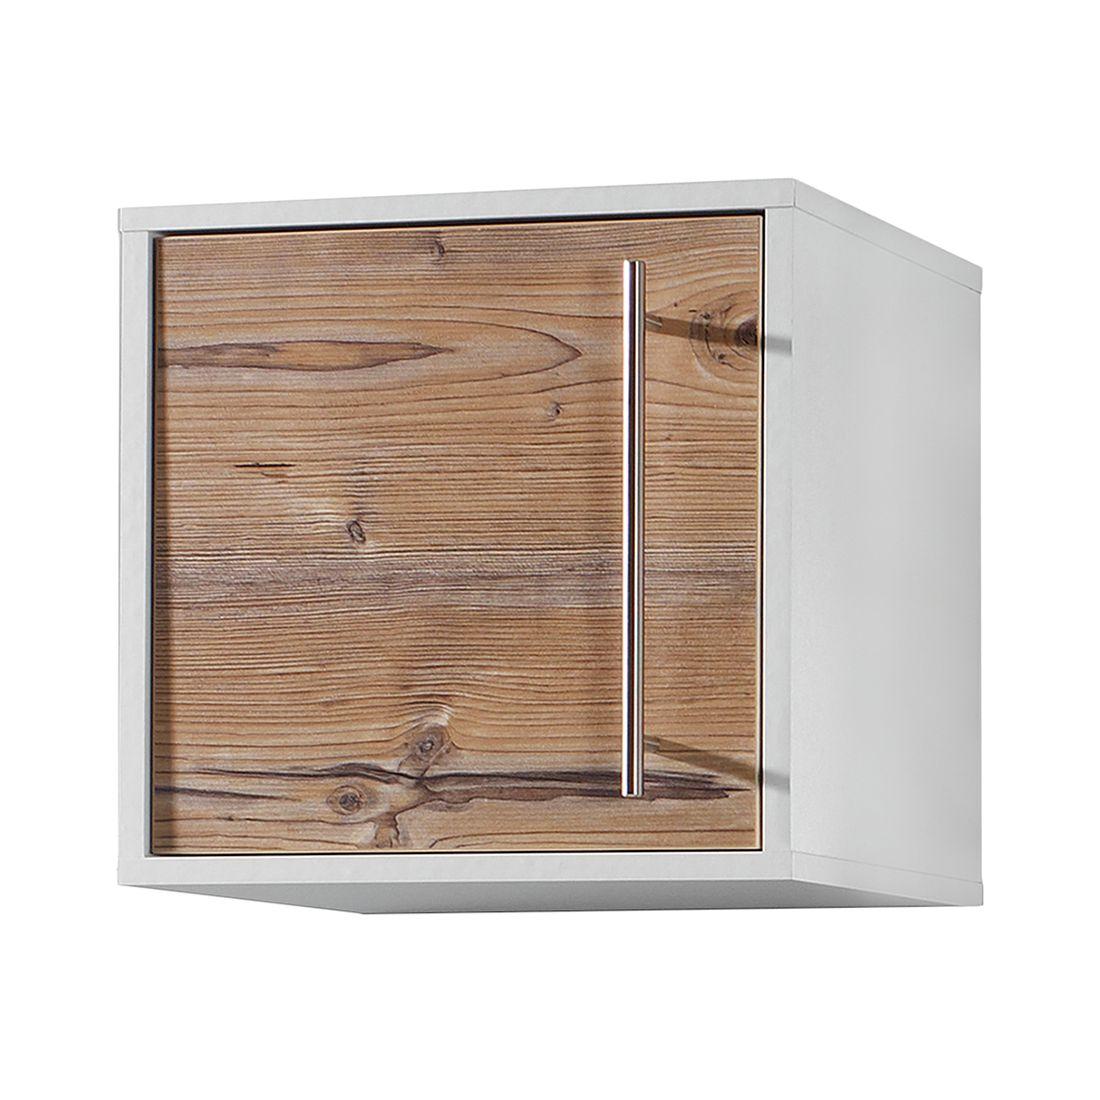 Günstige Spiegelschränke Mit Licht Badezimmermöbel Weiß